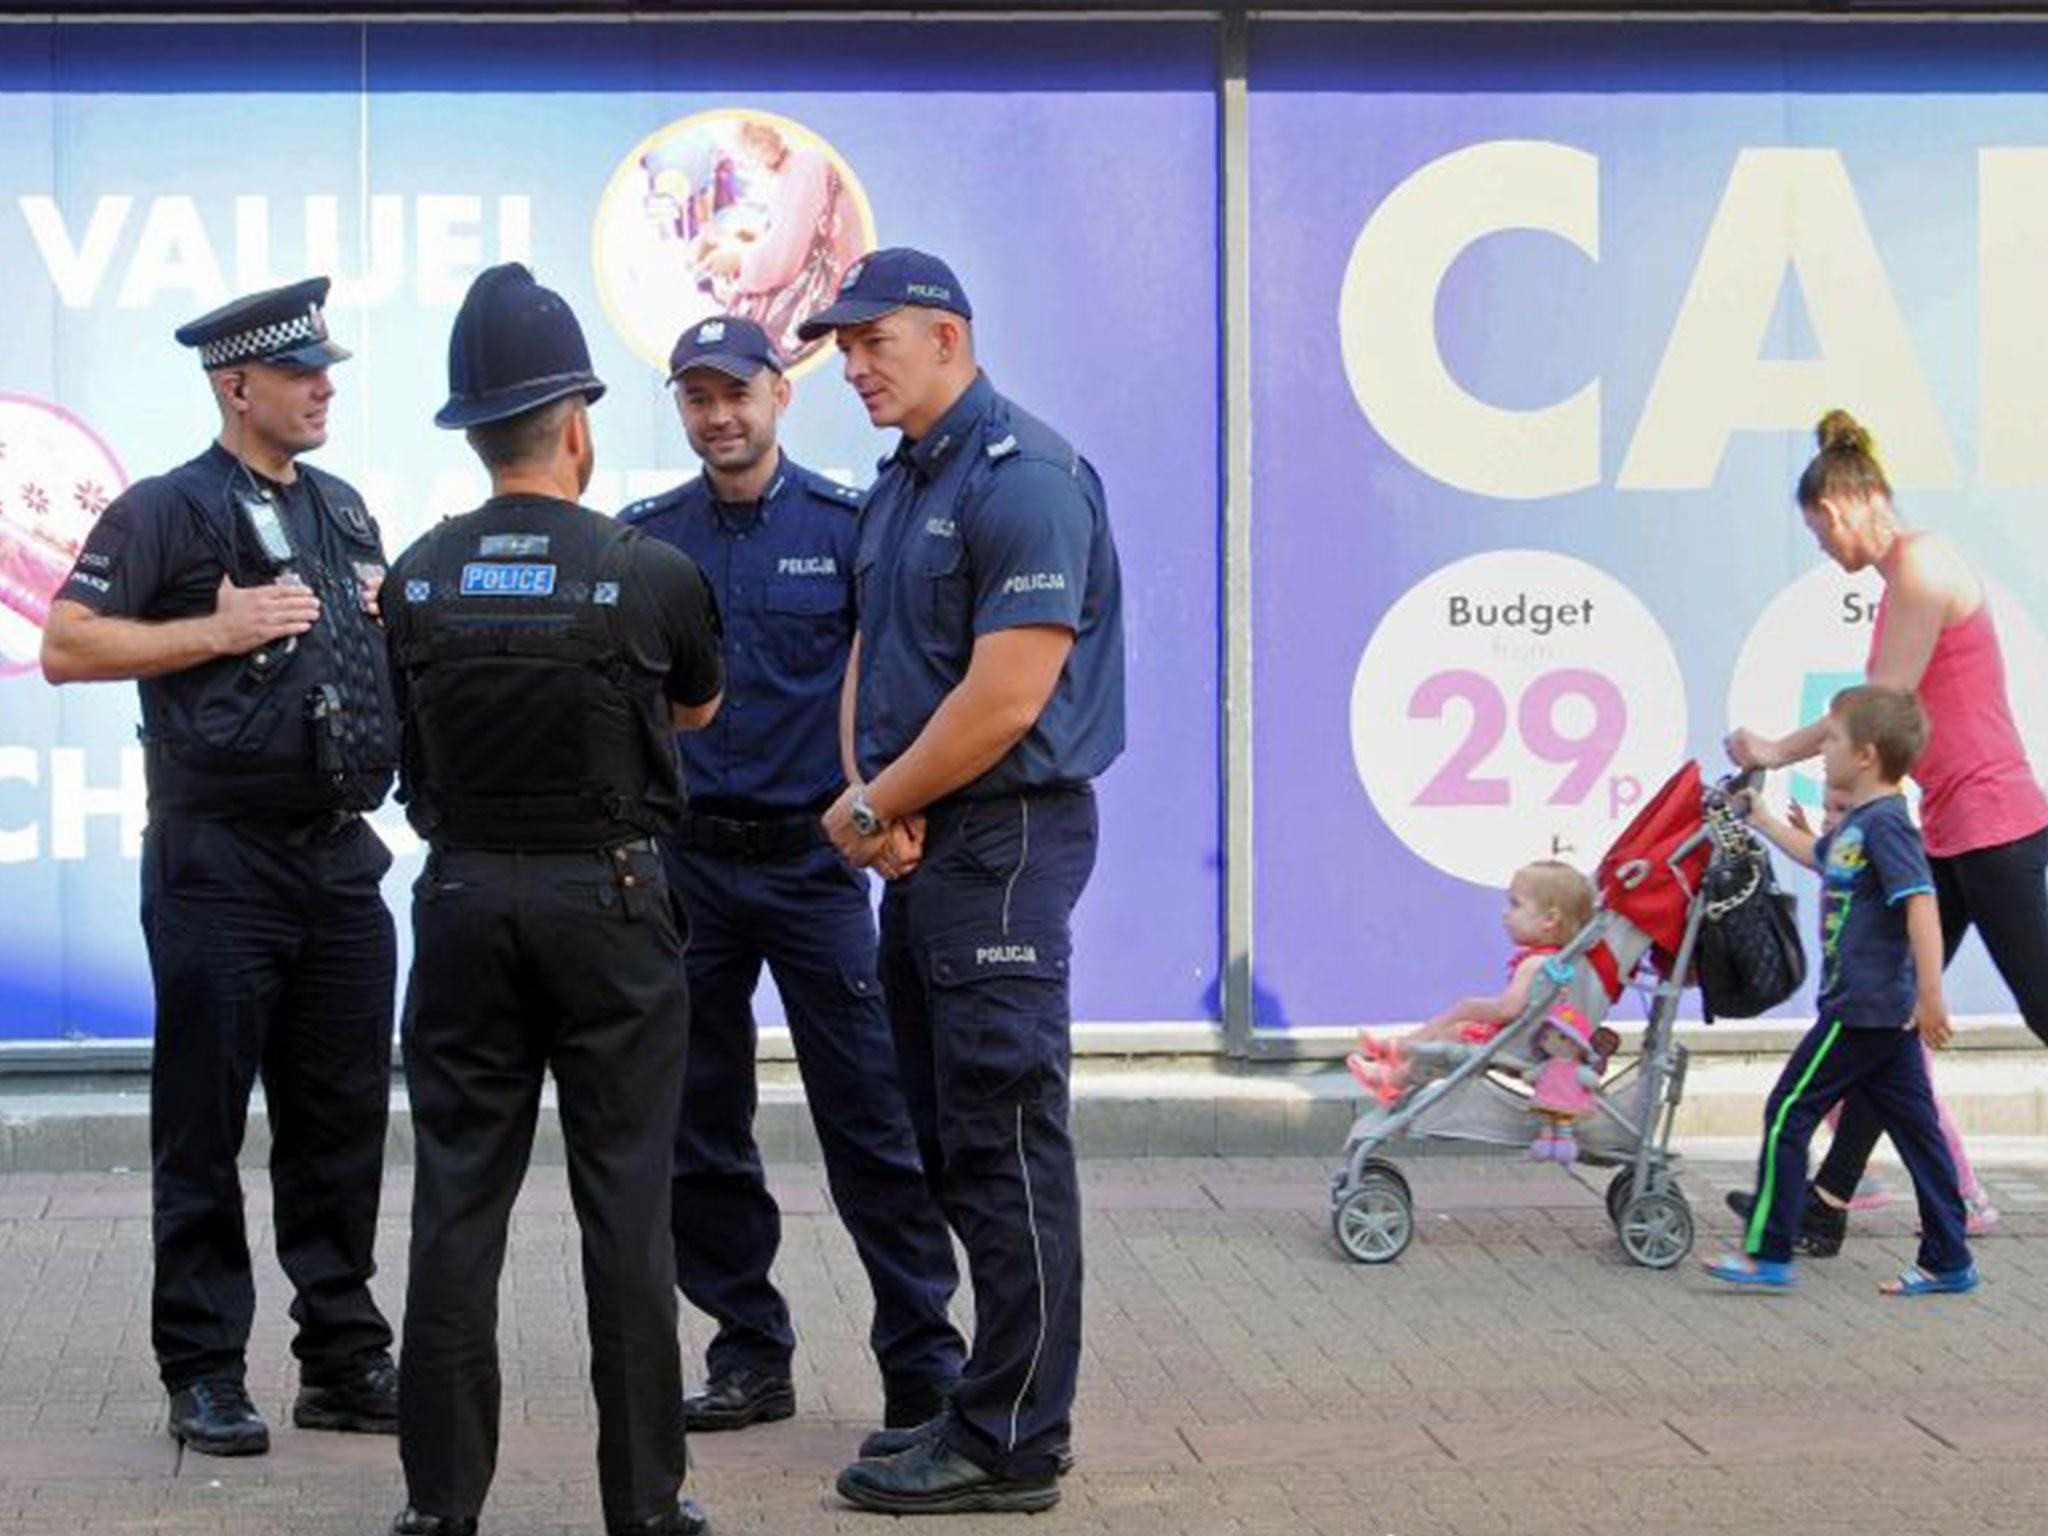 Police dating uk